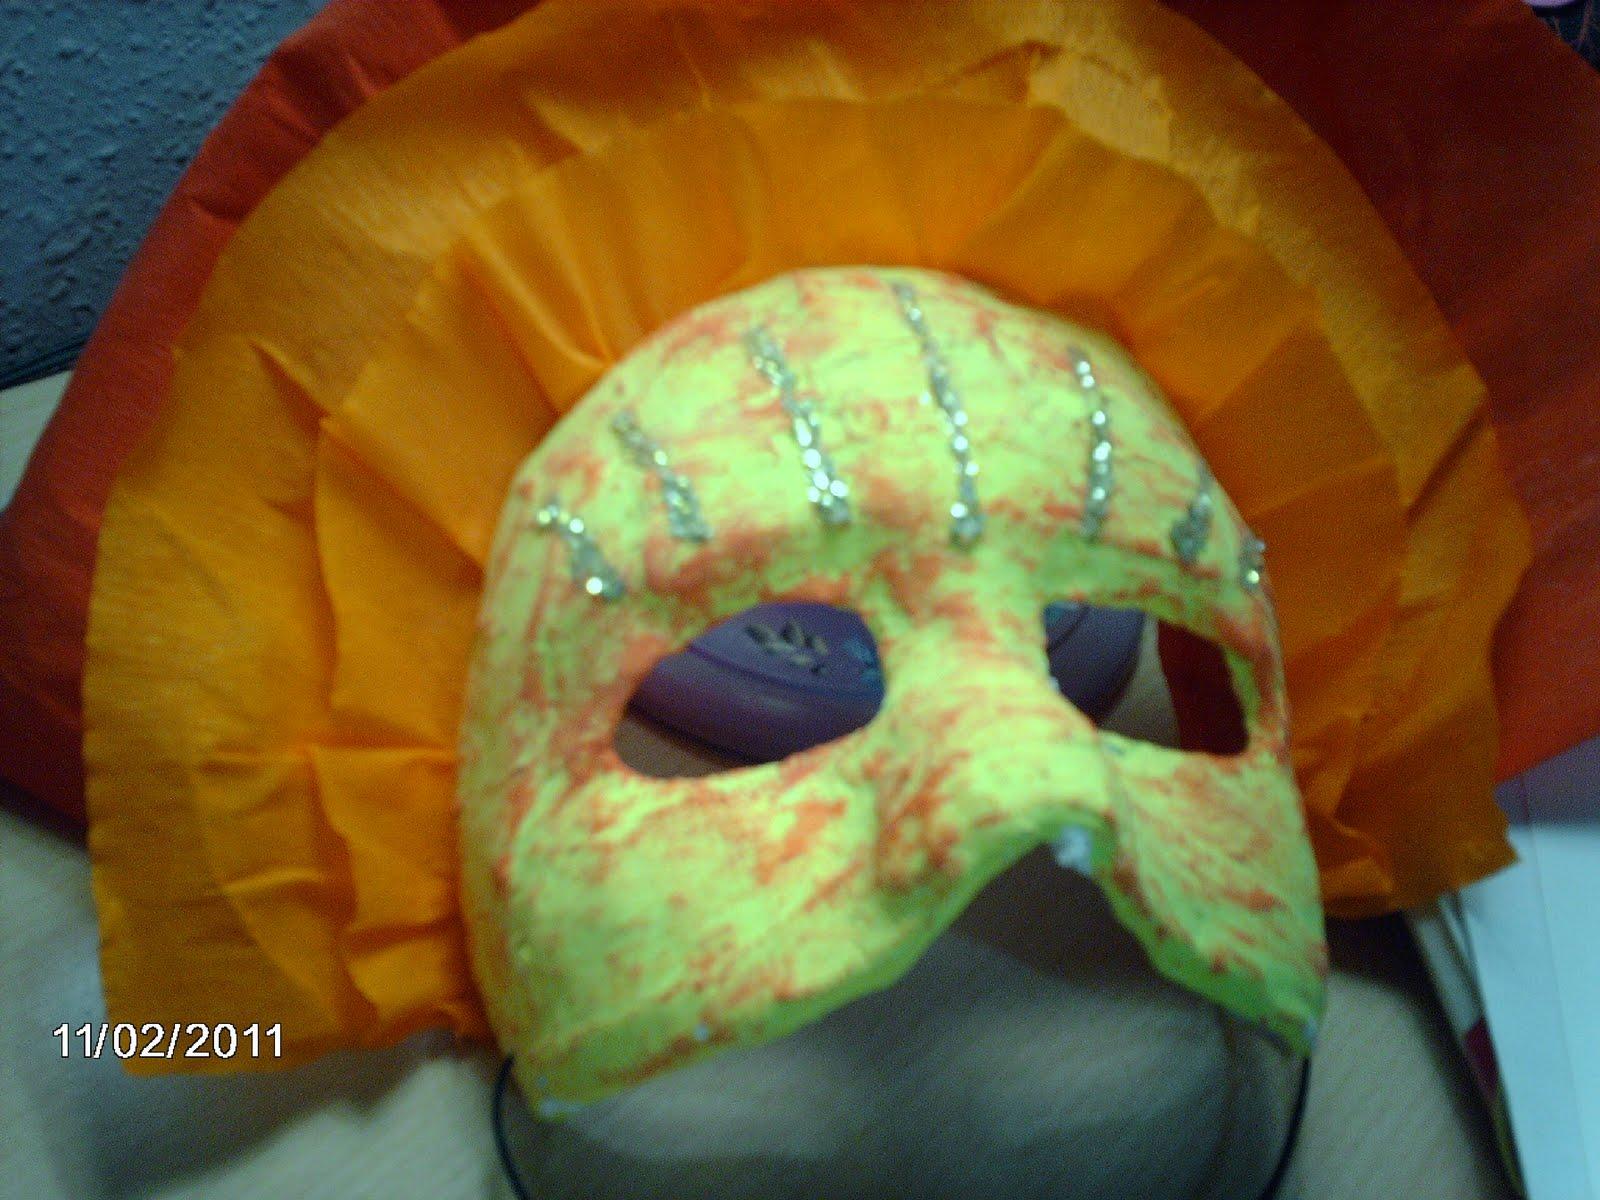 Las máscaras para el refuerzo de los ojo